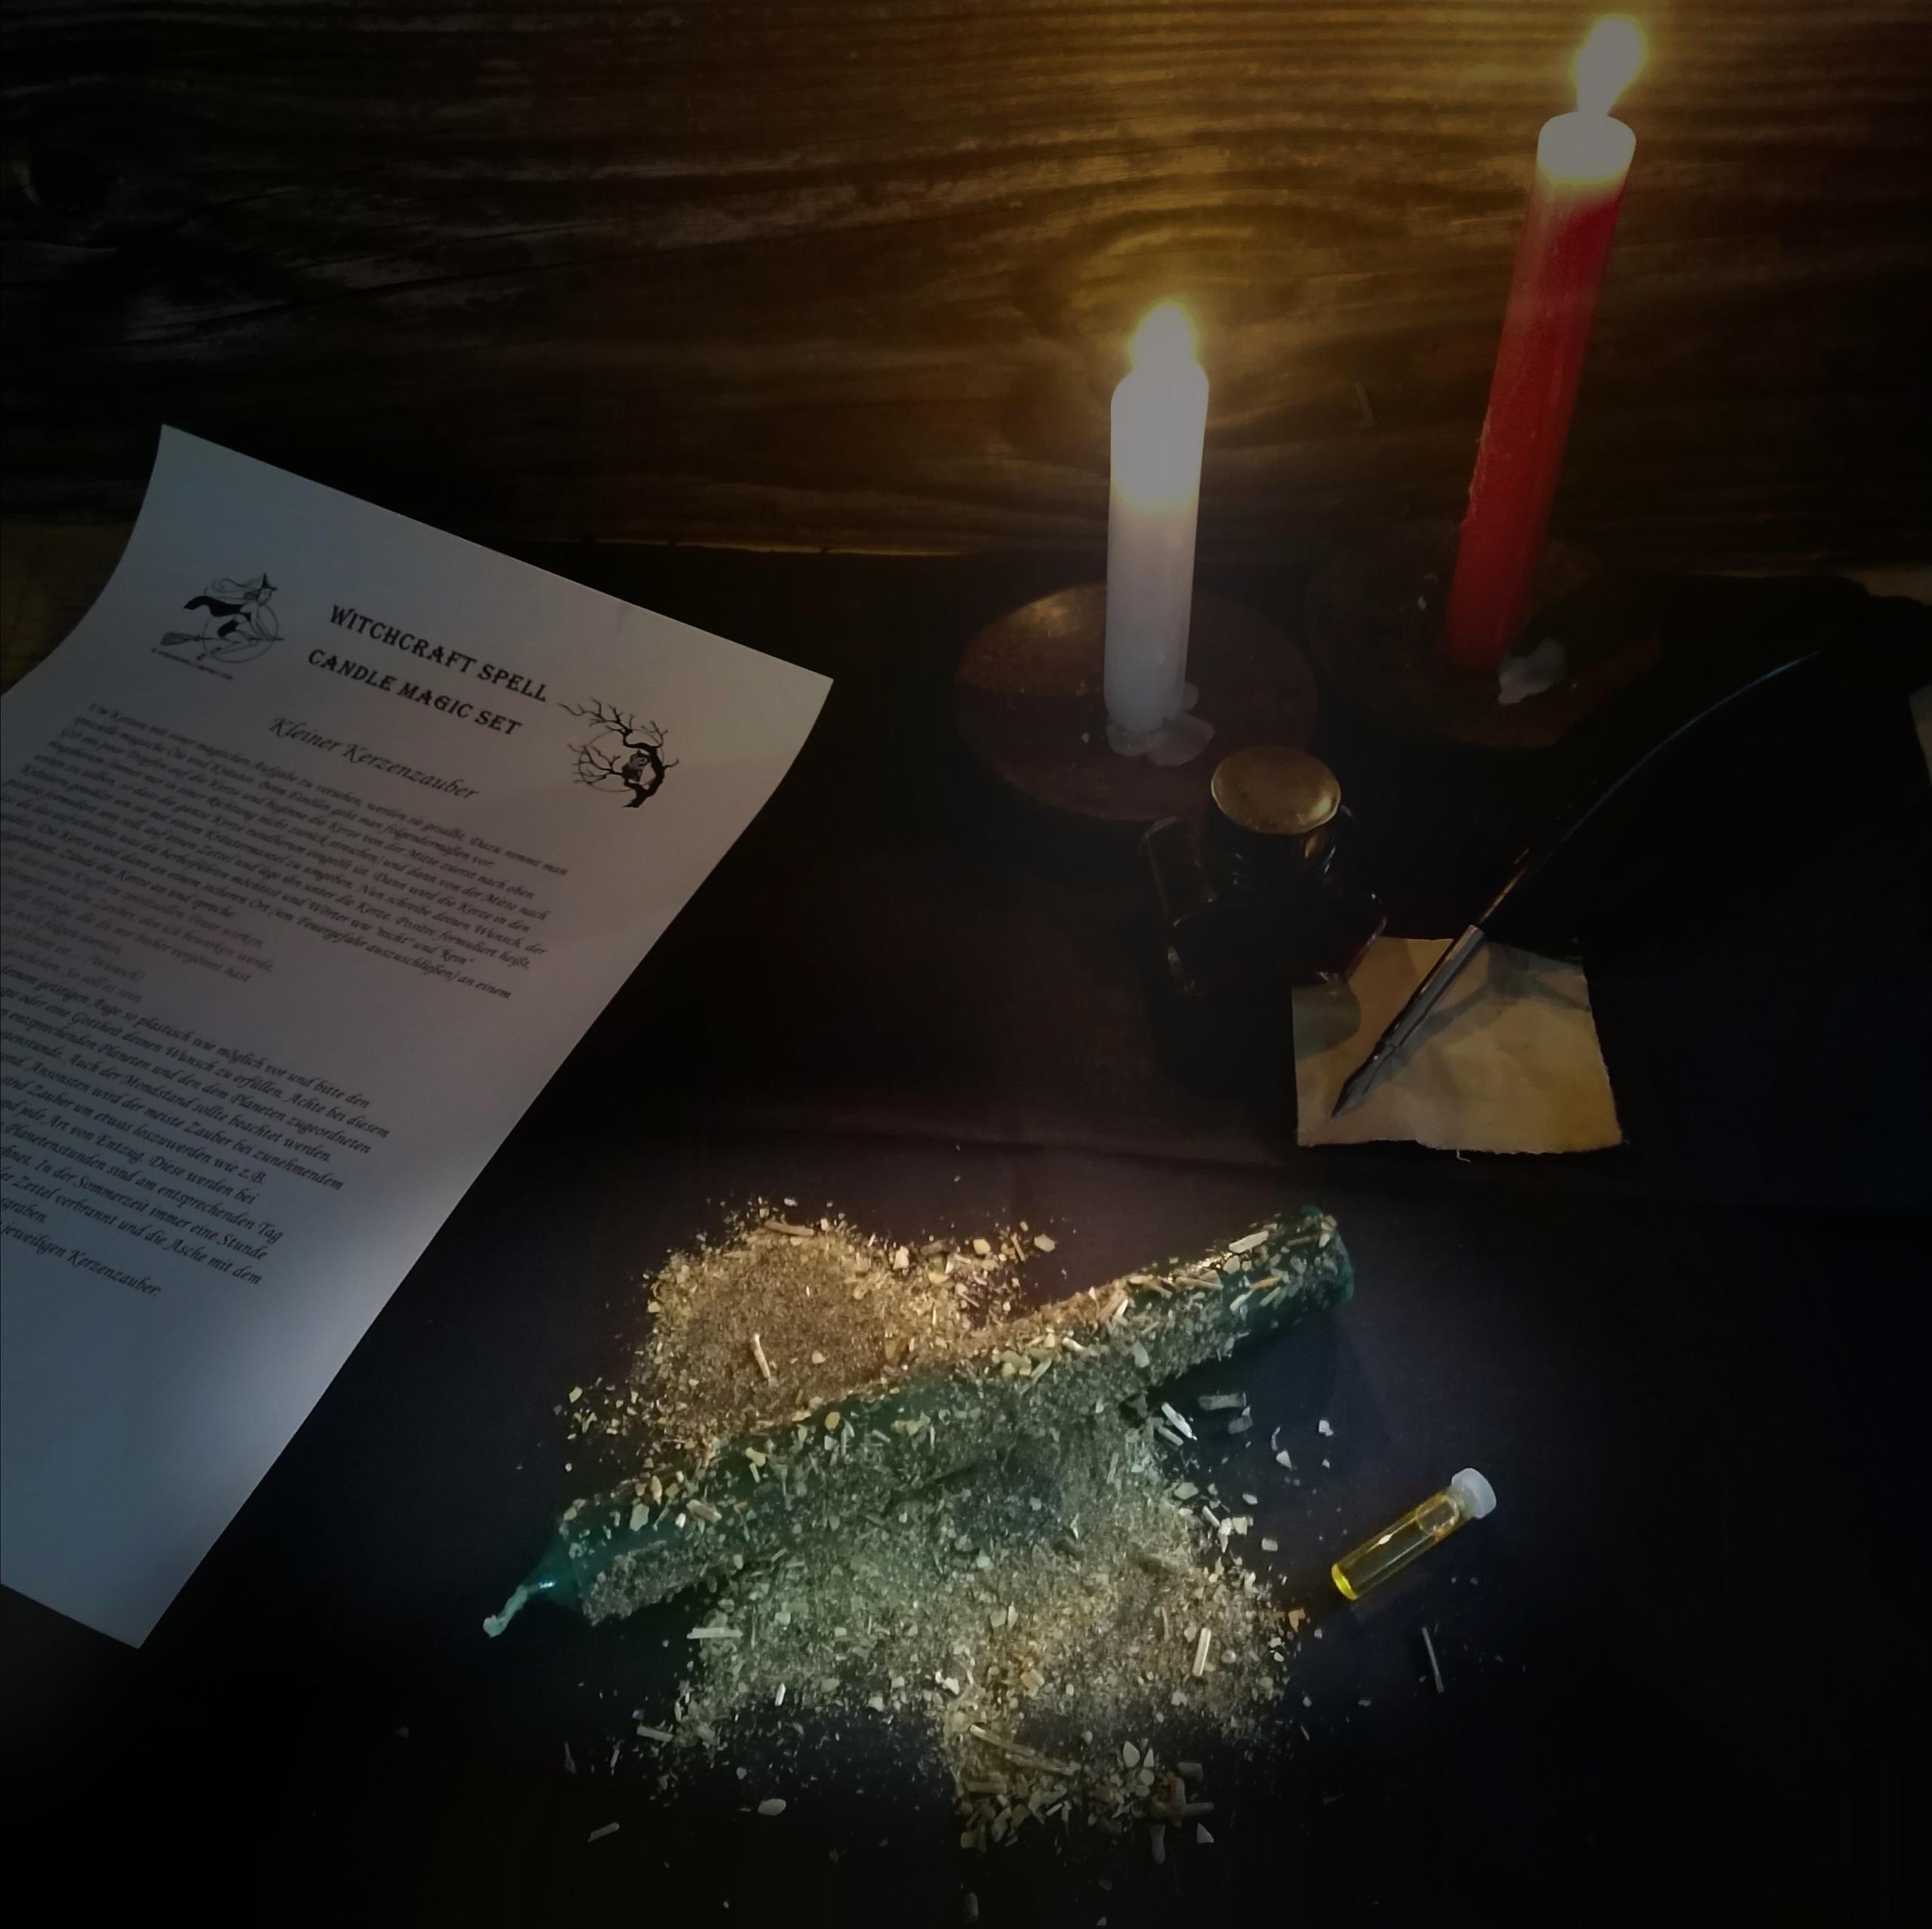 Small candle magic